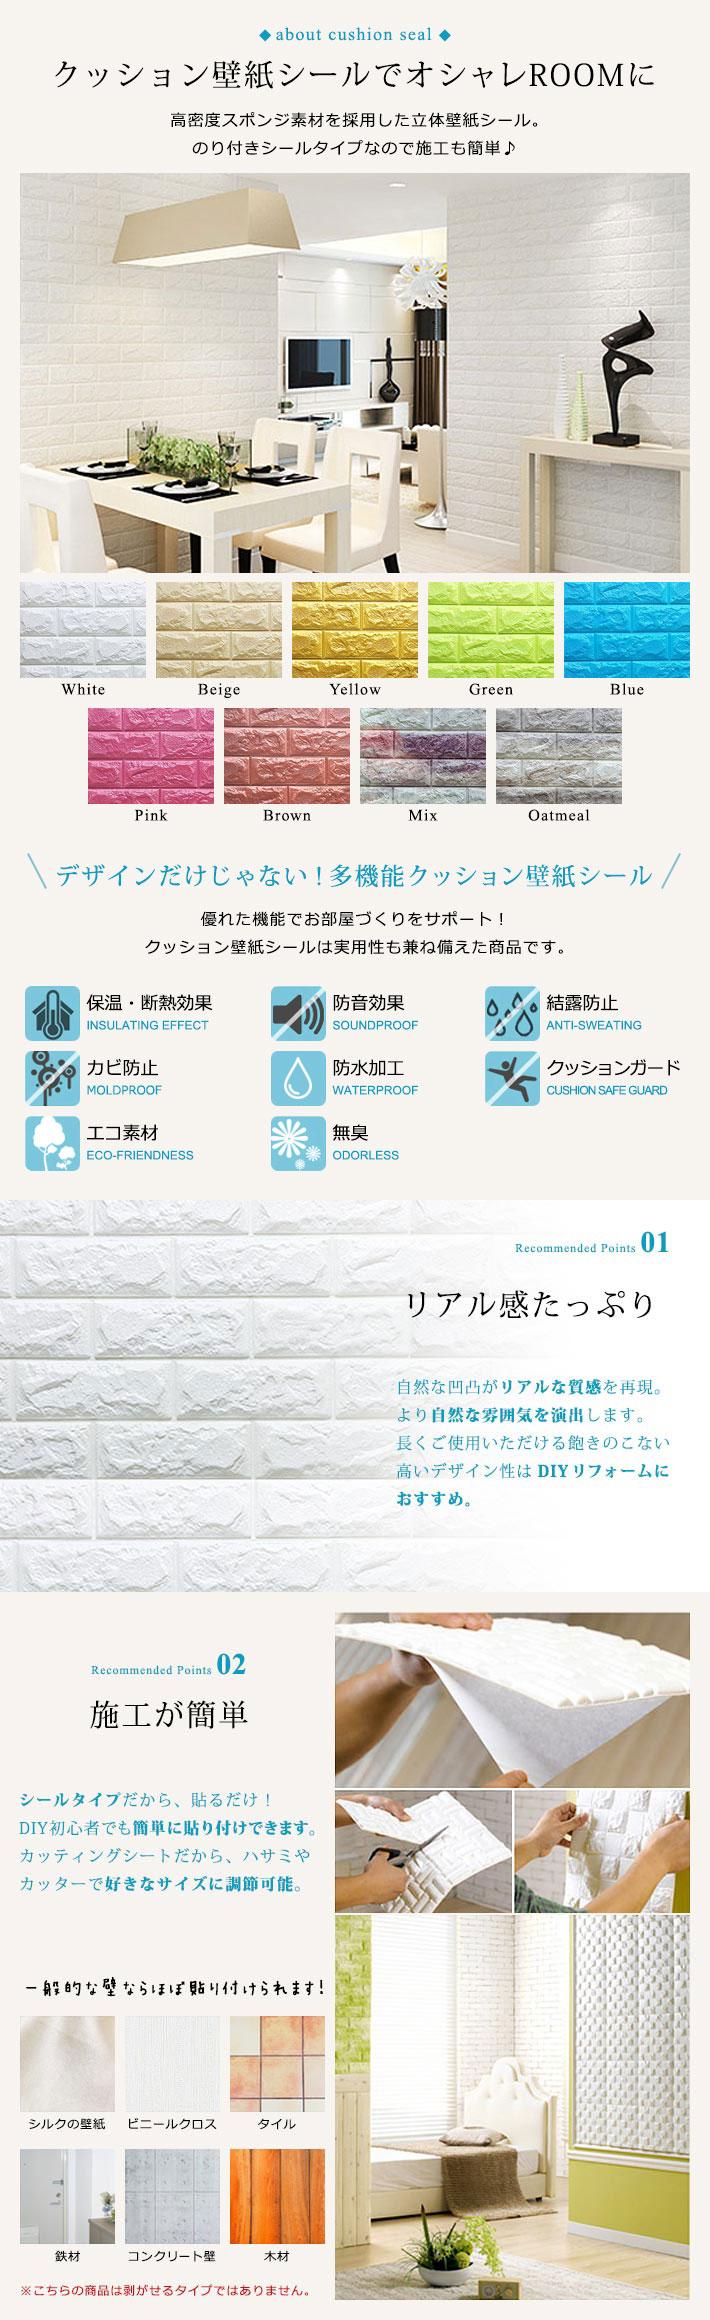 楽天市場 壁紙 レンガ クッションシート リアル お得な壁紙シール3